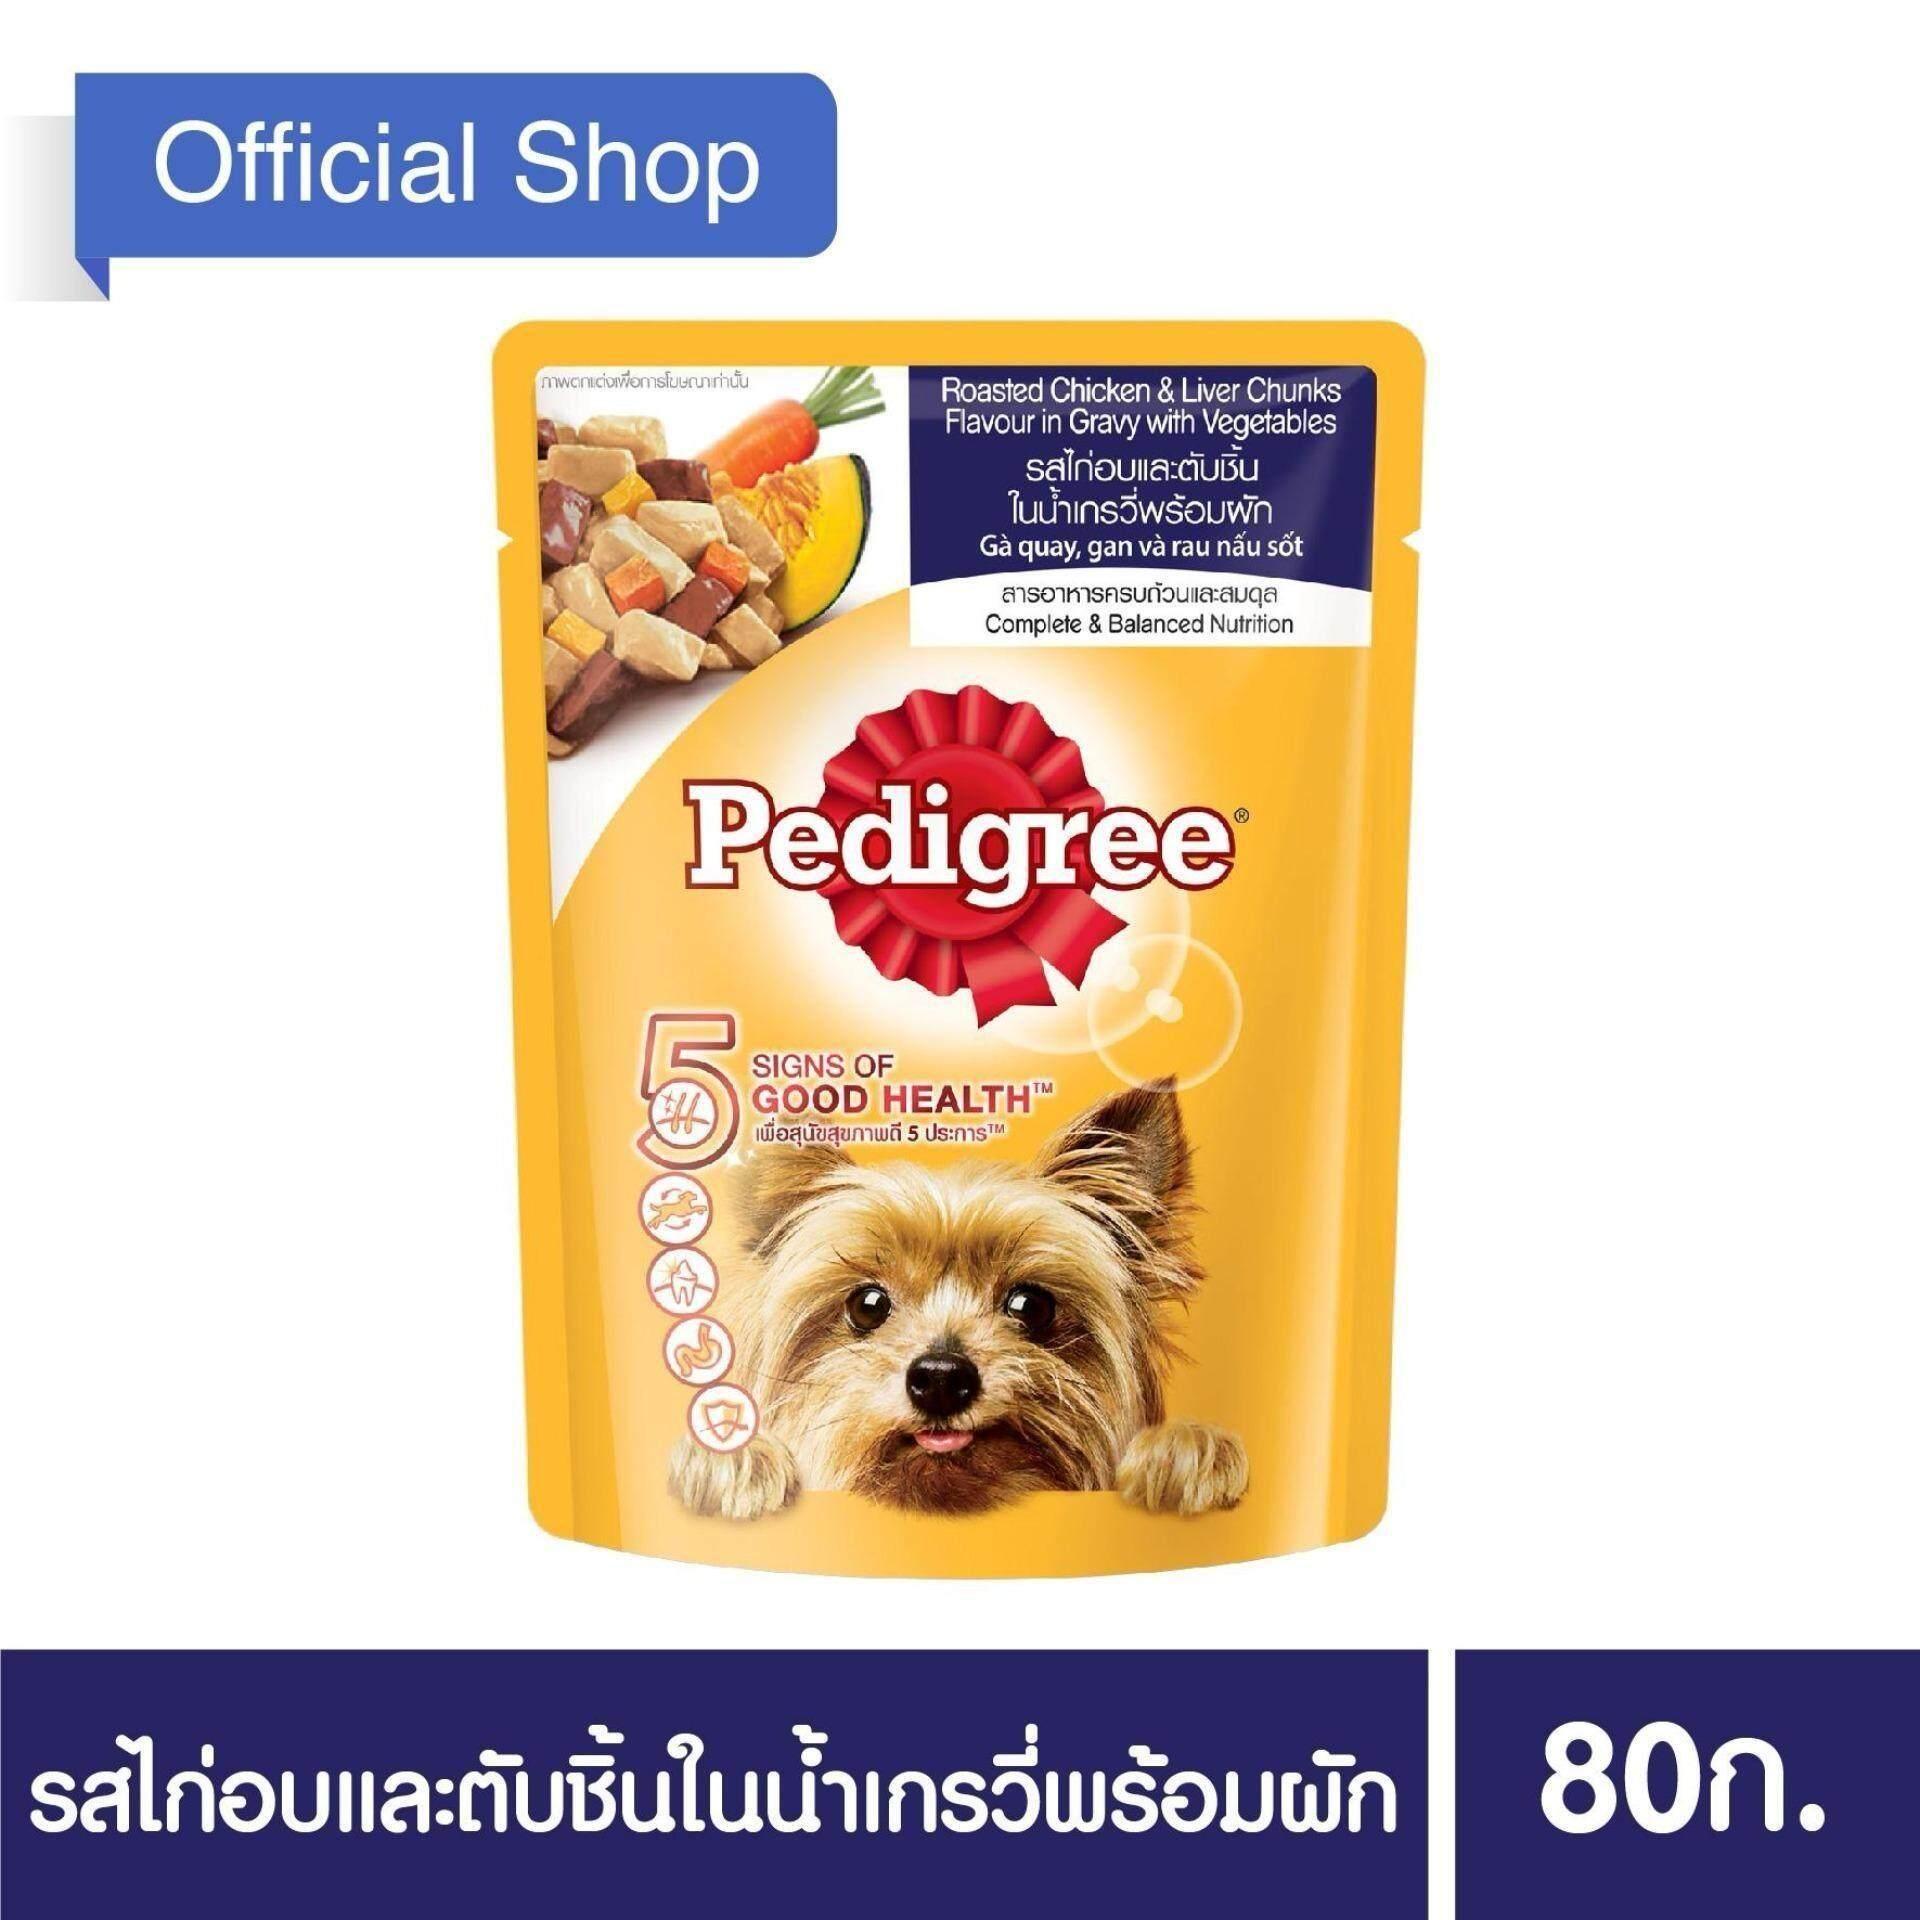 ราคา Pedigree® Dog Food Wet Pouch Roasted Chicken Liver Chunks In Gravy เพดดิกรี®อาหารสุนัขชนิดเปียก แบบเพาช์ รสไก่อบและตับชิ้นในน้ำเกรวี่พร้อมผัก 80กรัม 1 ซอง ใหม่ ถูก